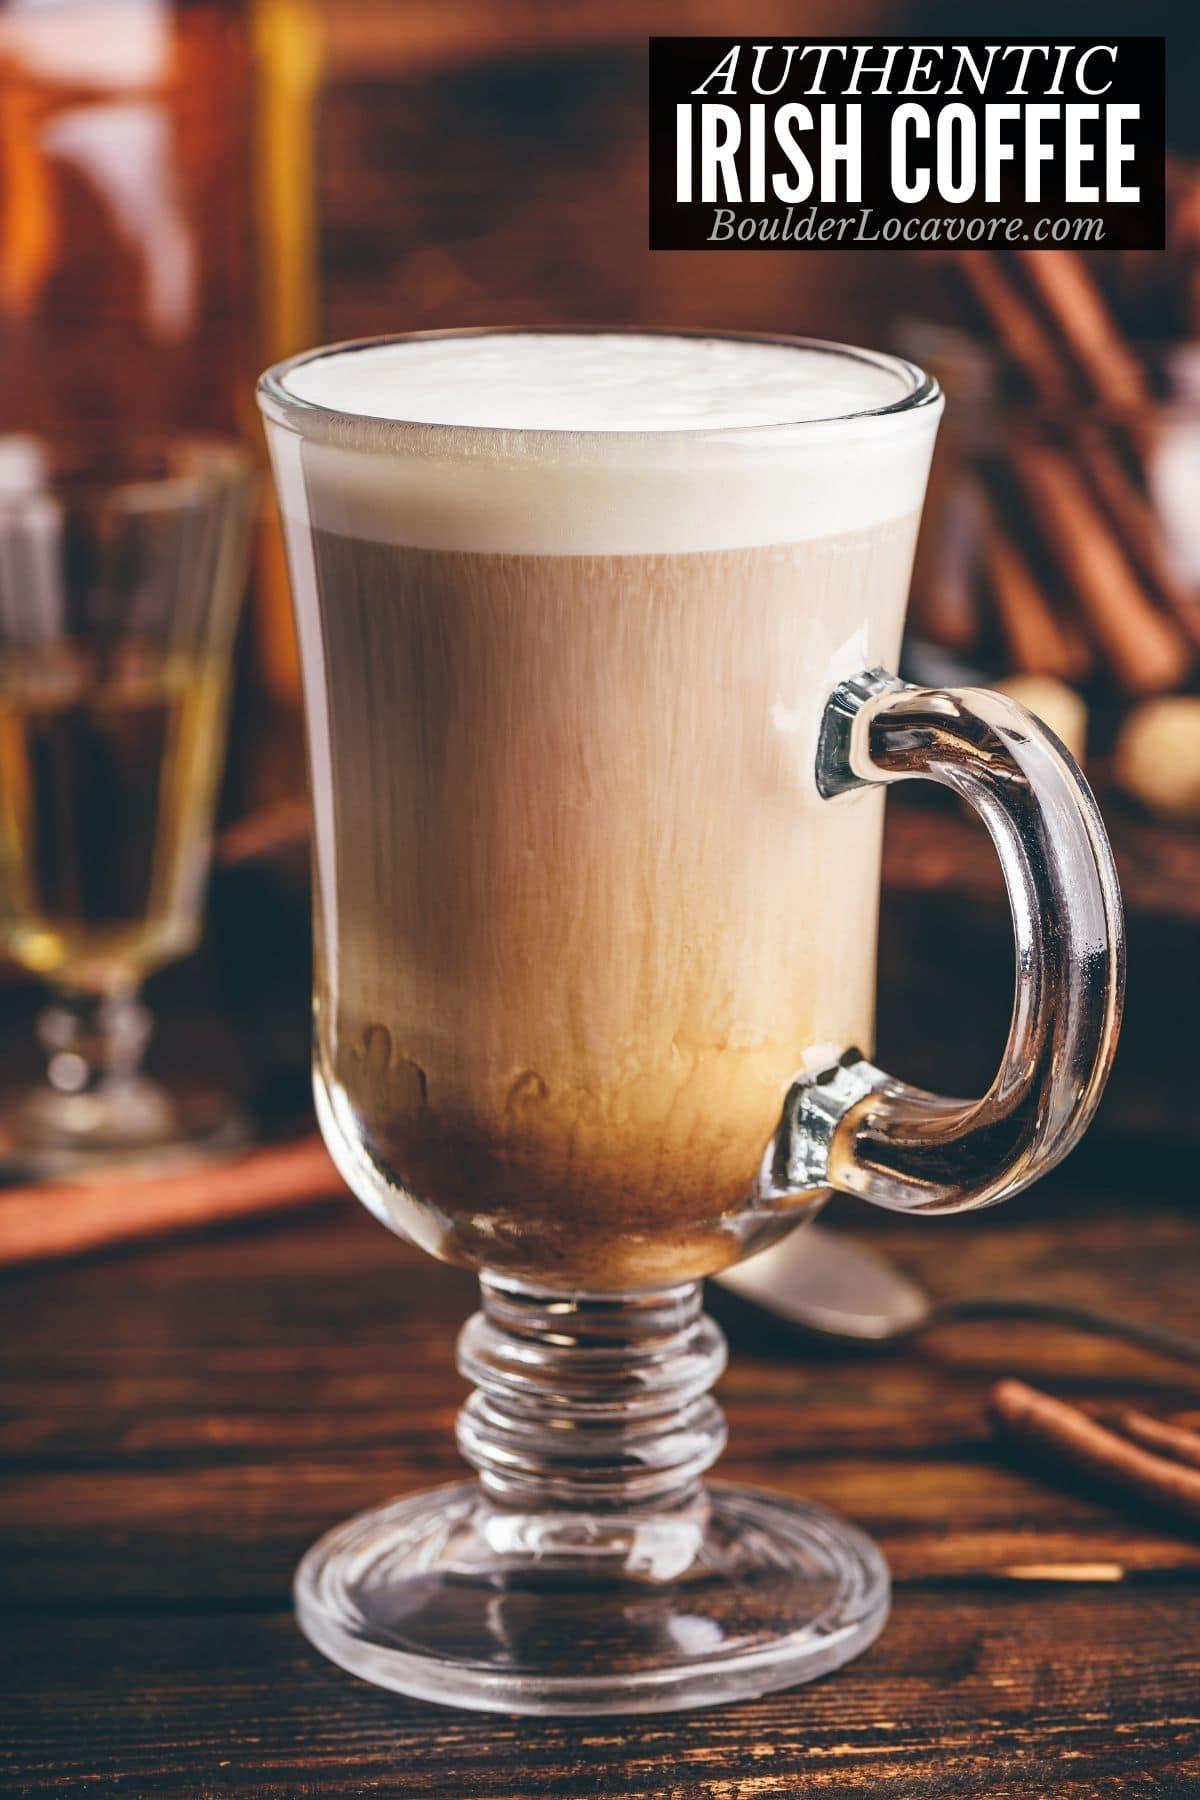 irish coffee title image